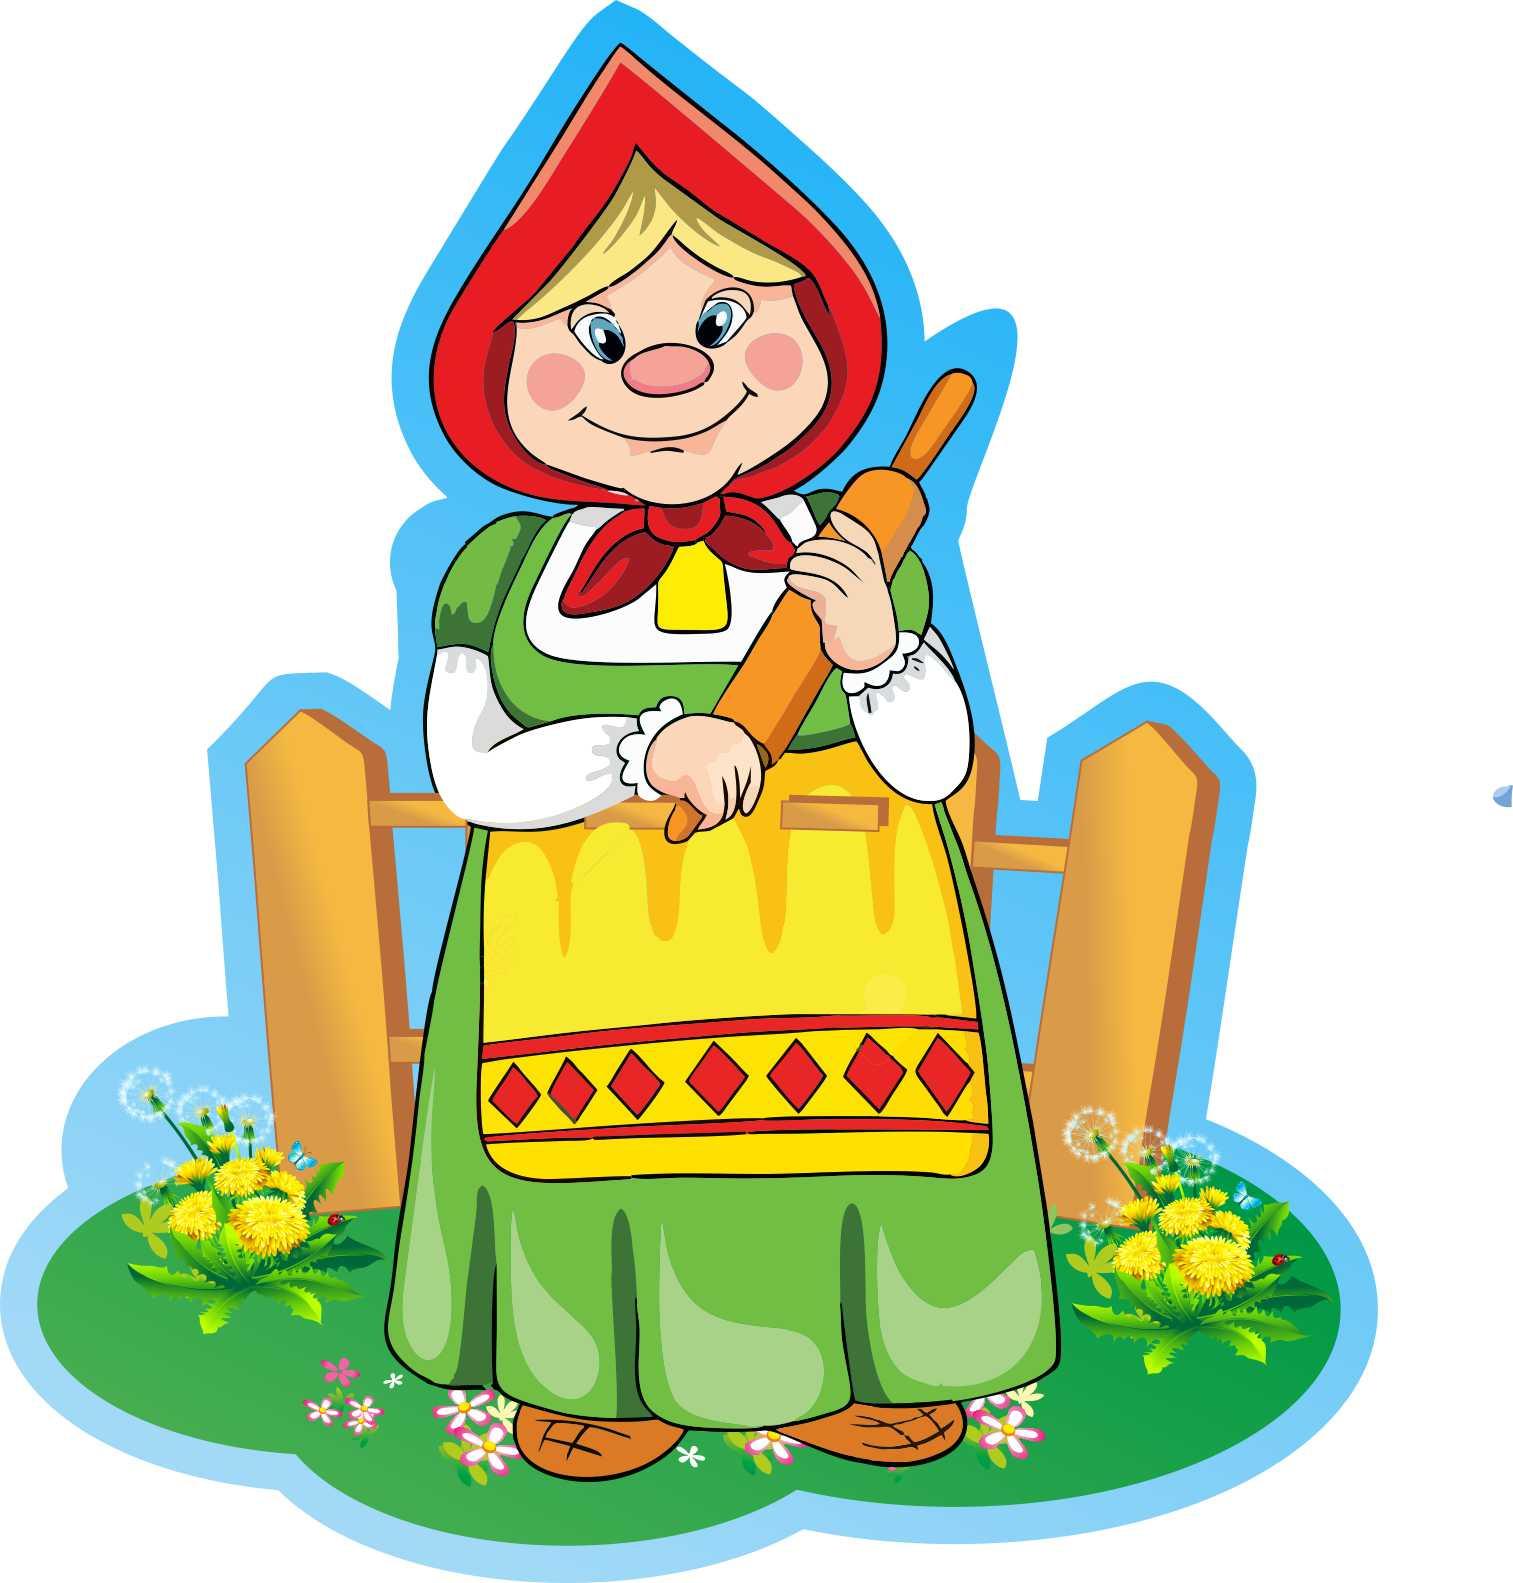 Бабка из сказки репка картинки для детей